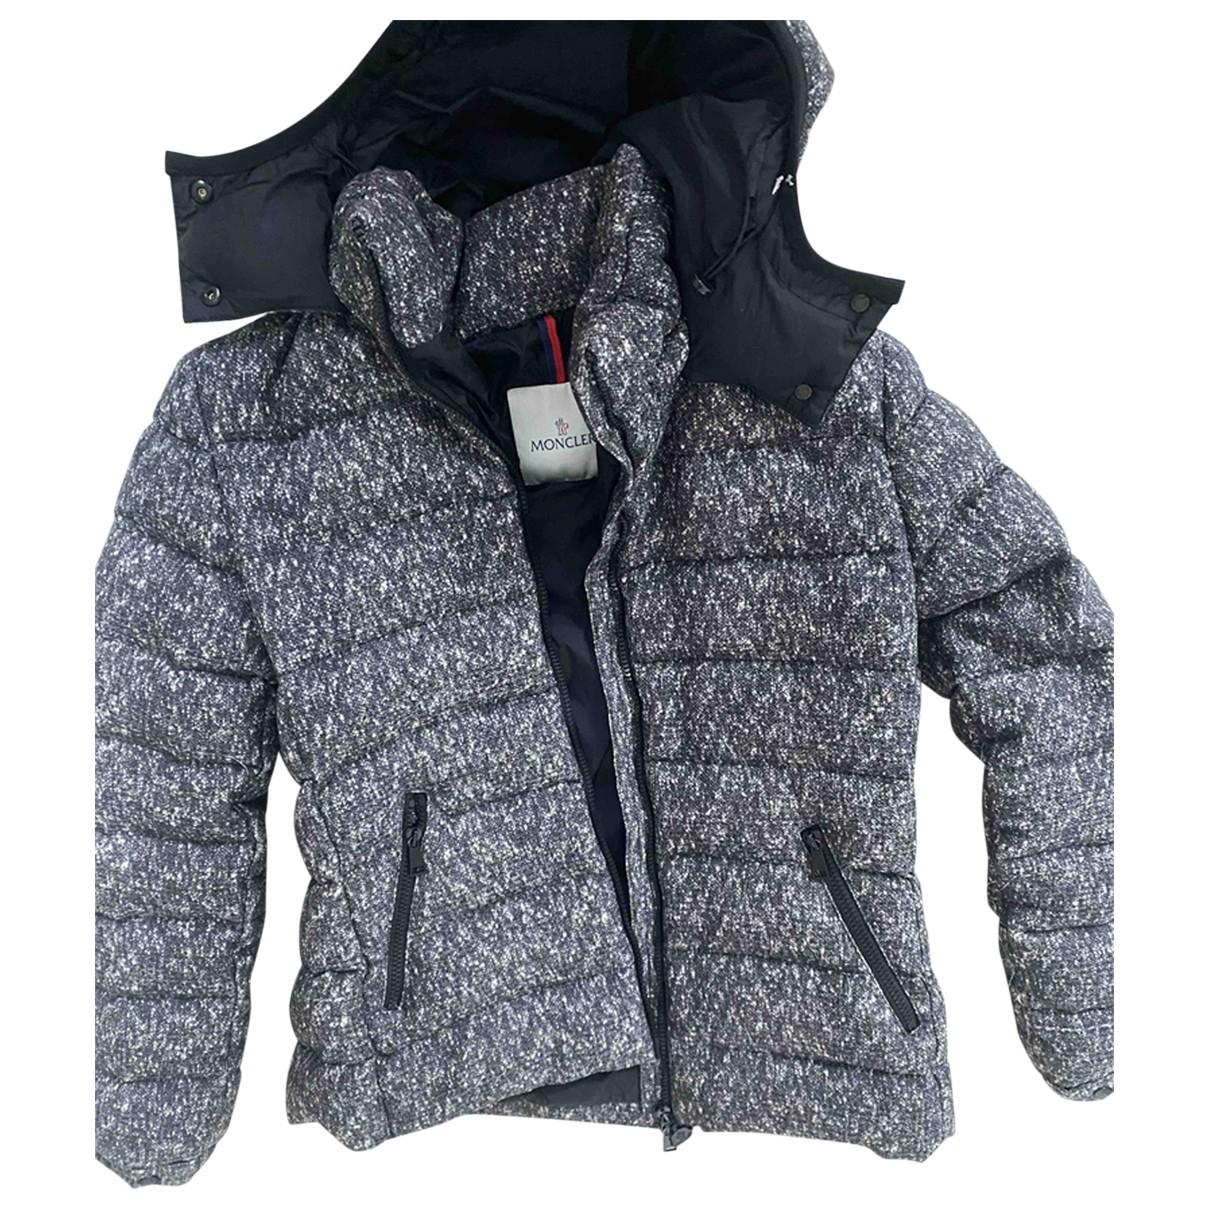 Moncler - Manteau Hood pour femme en tweed - noir